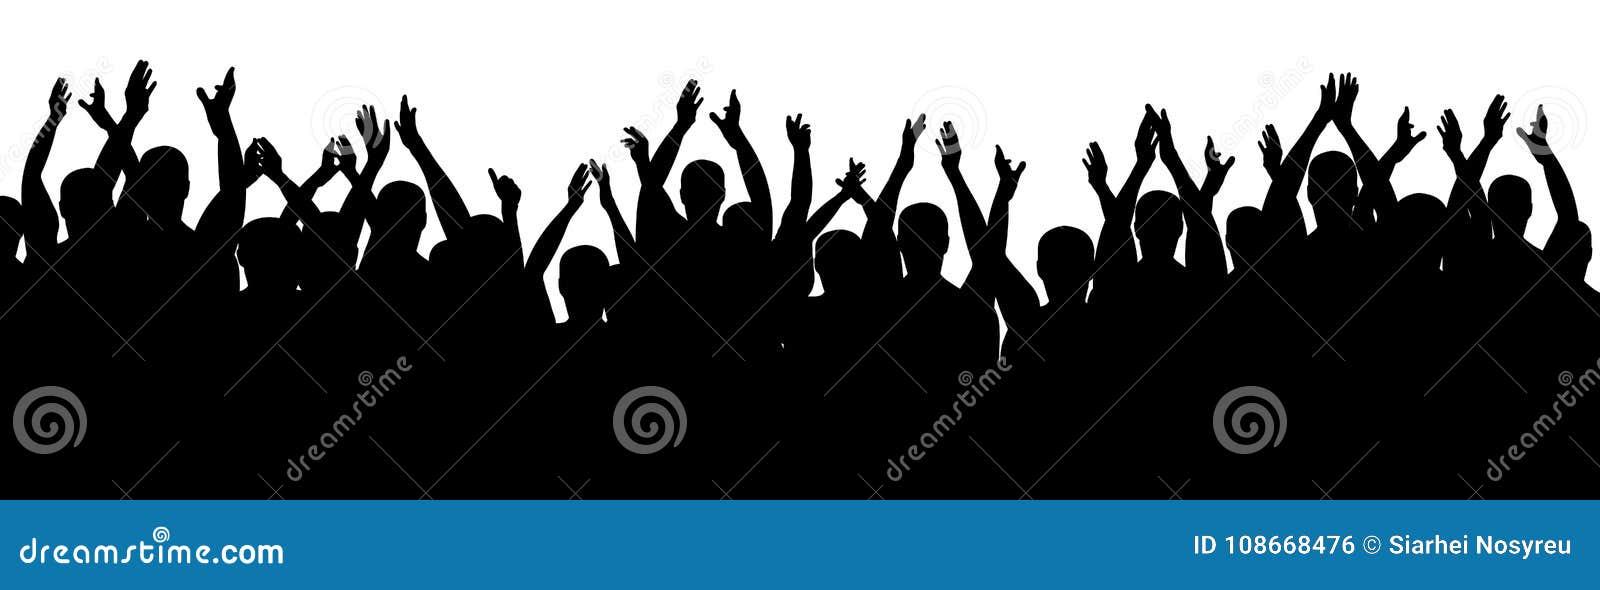 Personnes d applaudissements Encourager gai de foule Mains vers le haut Vecteur de silhouette